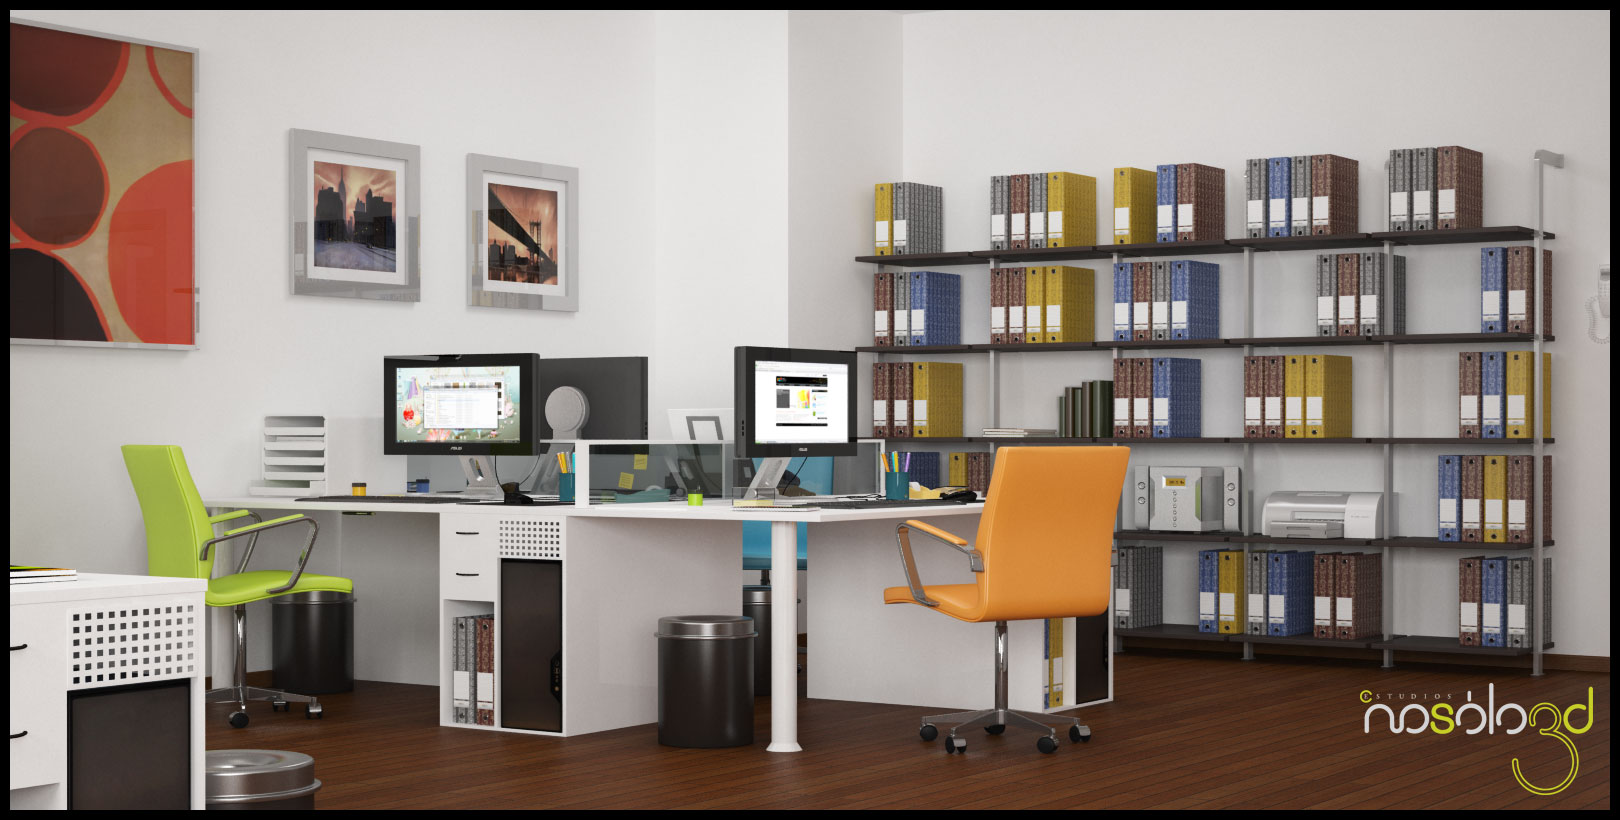 Oficina con cuatro ambientes for Imagenes de oficinas de lujo